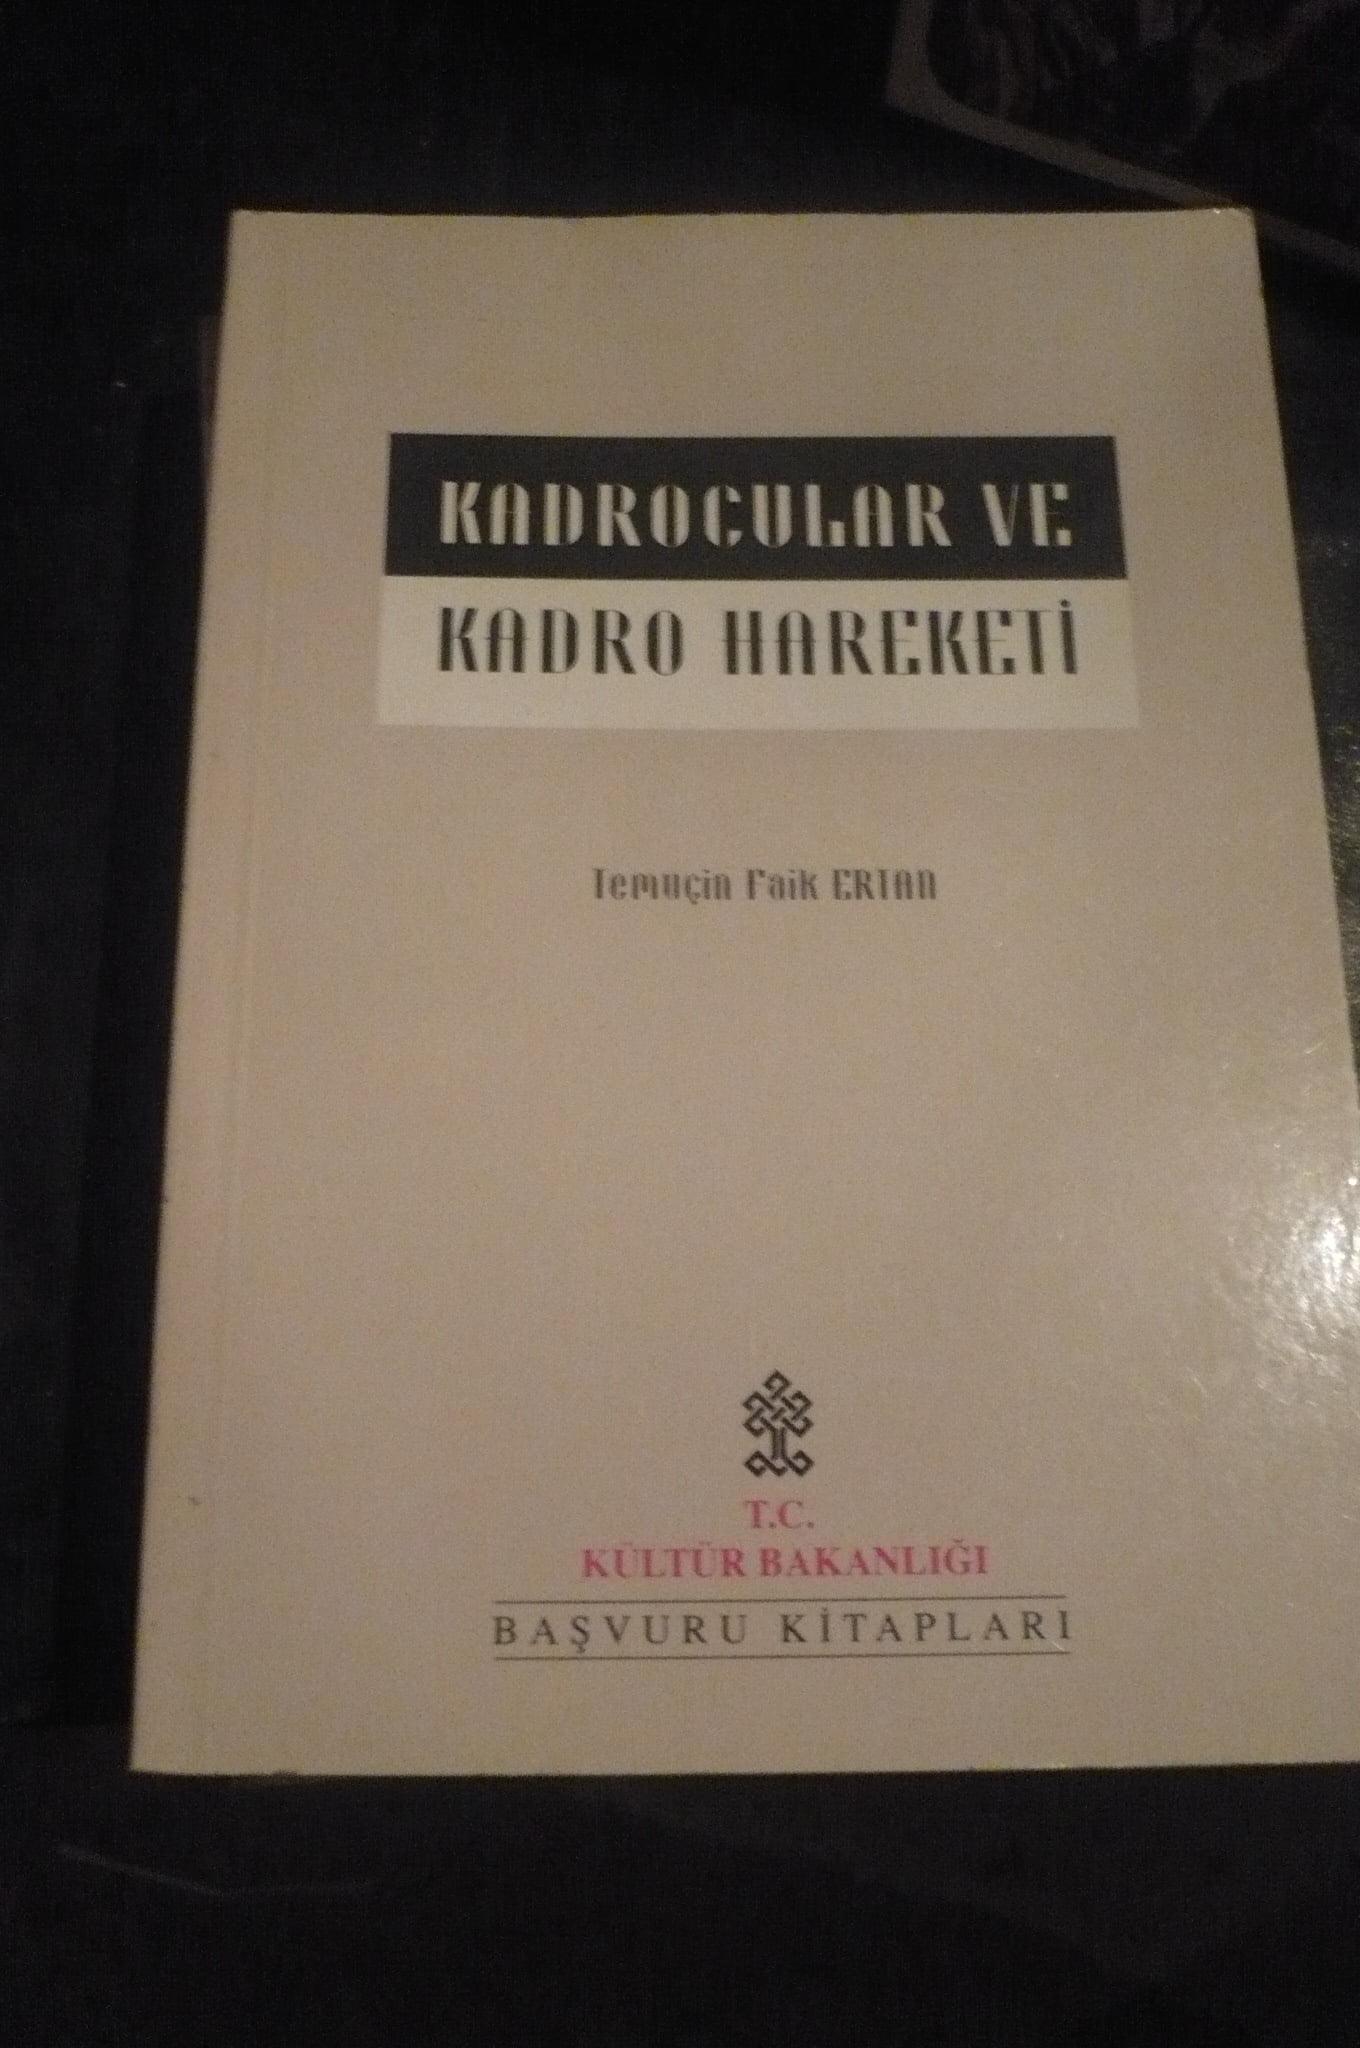 KADROCULAR VE KADRO HAREKATI/Temuçin FAİK ERTAN/10 TL